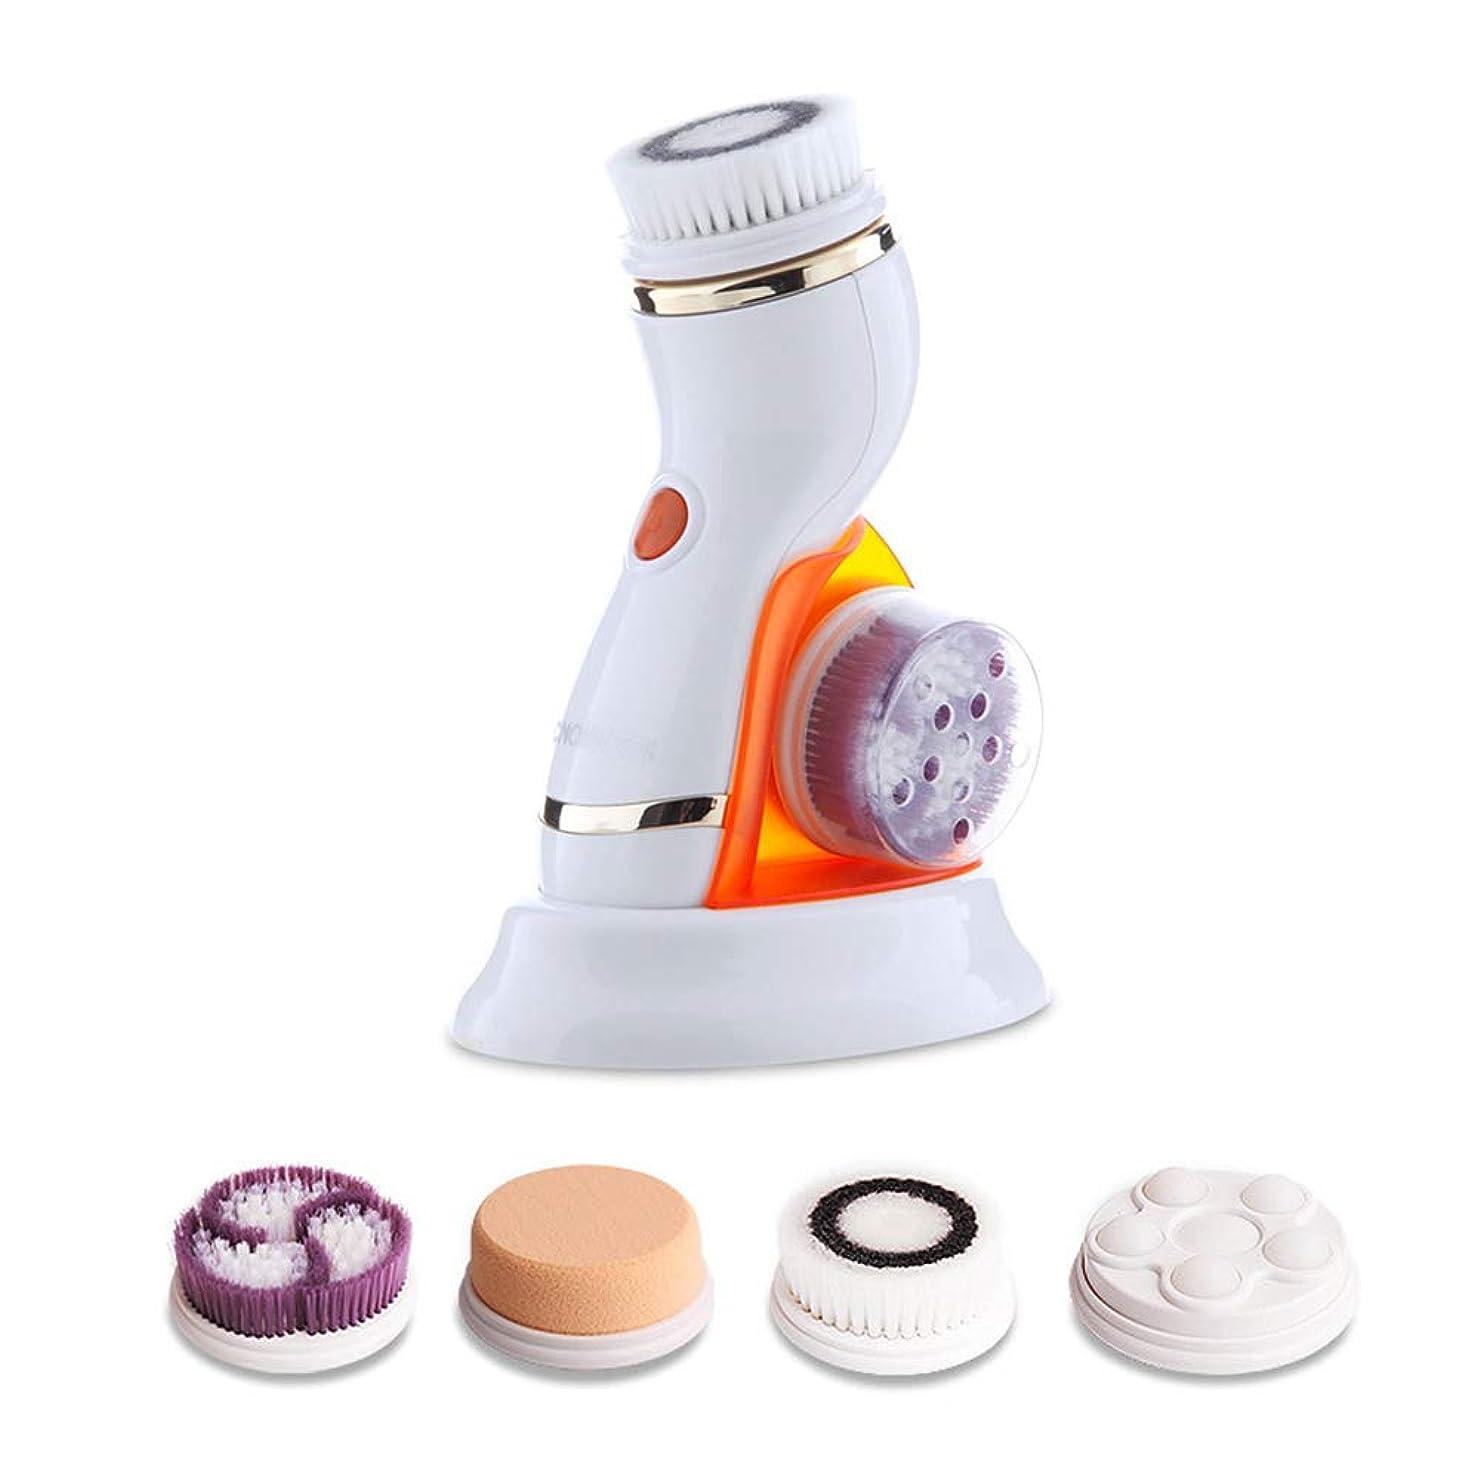 打ち負かす軍ズボン顔の清潔になるブラシ、4つの取り替え可能な頭部と再充電可能な超音波電気表面清潔になる装置防水穏やかな剥離USB,Orange